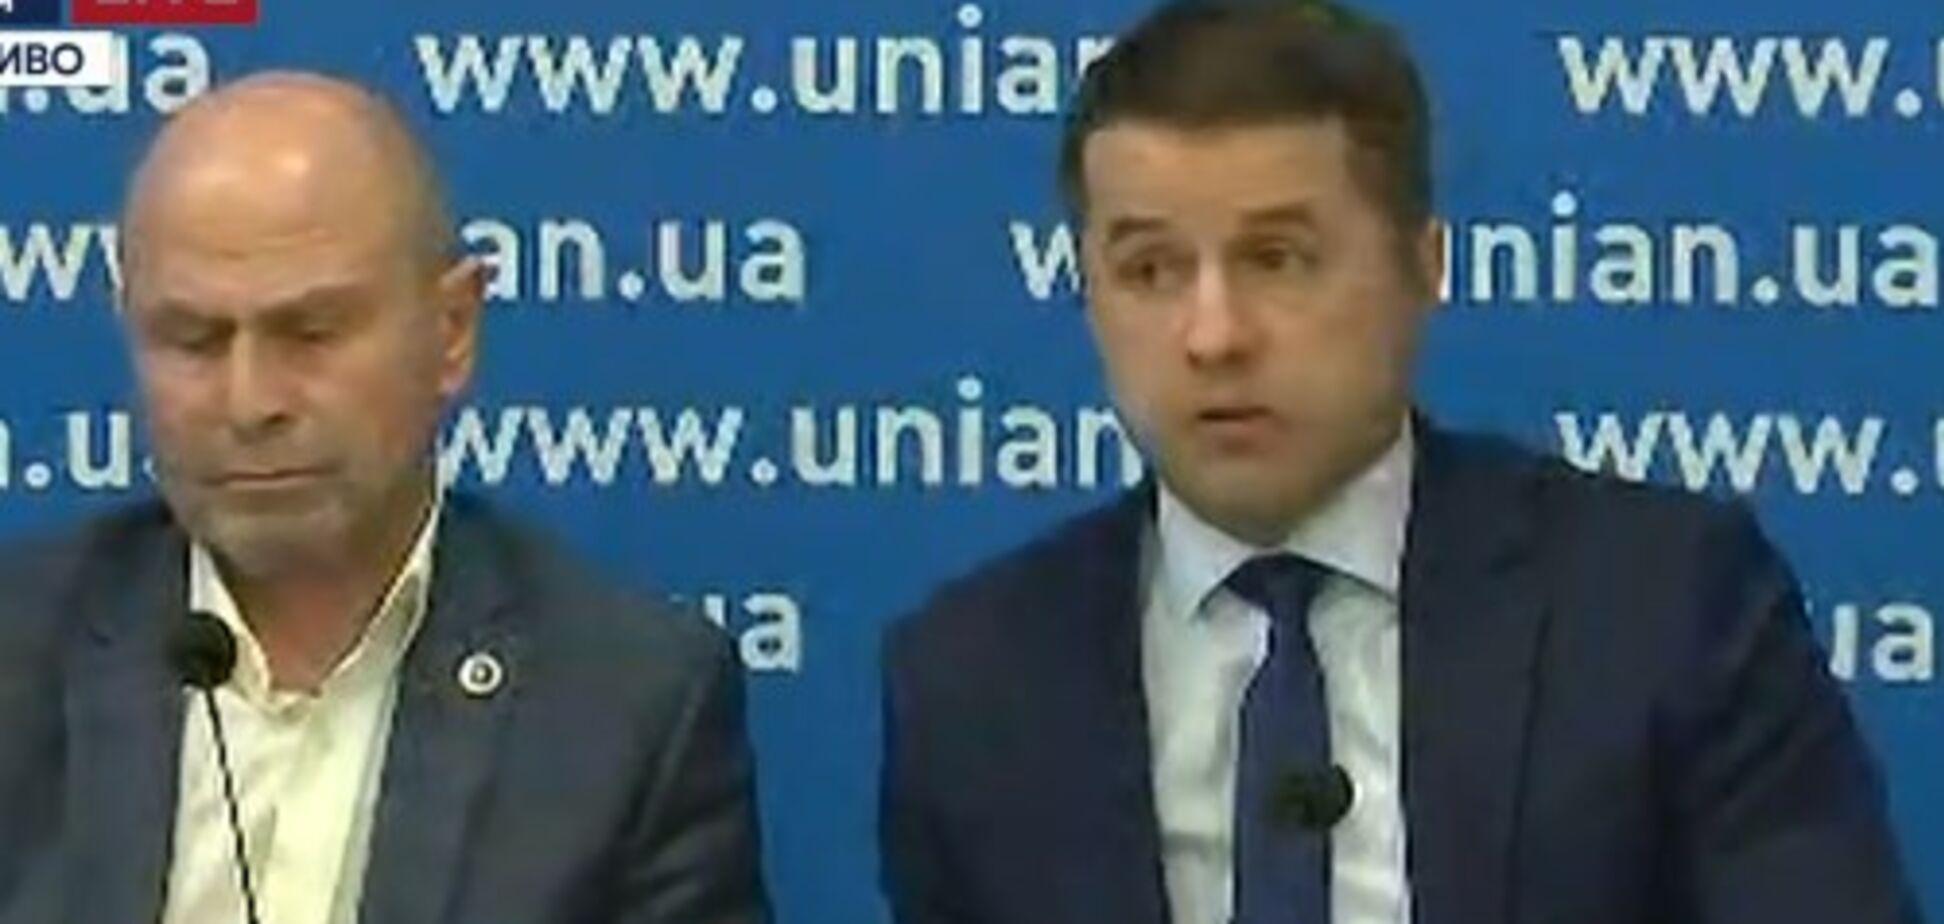 'Є інше відео': адвокат чеченців звинуватив в конфлікті Найєма